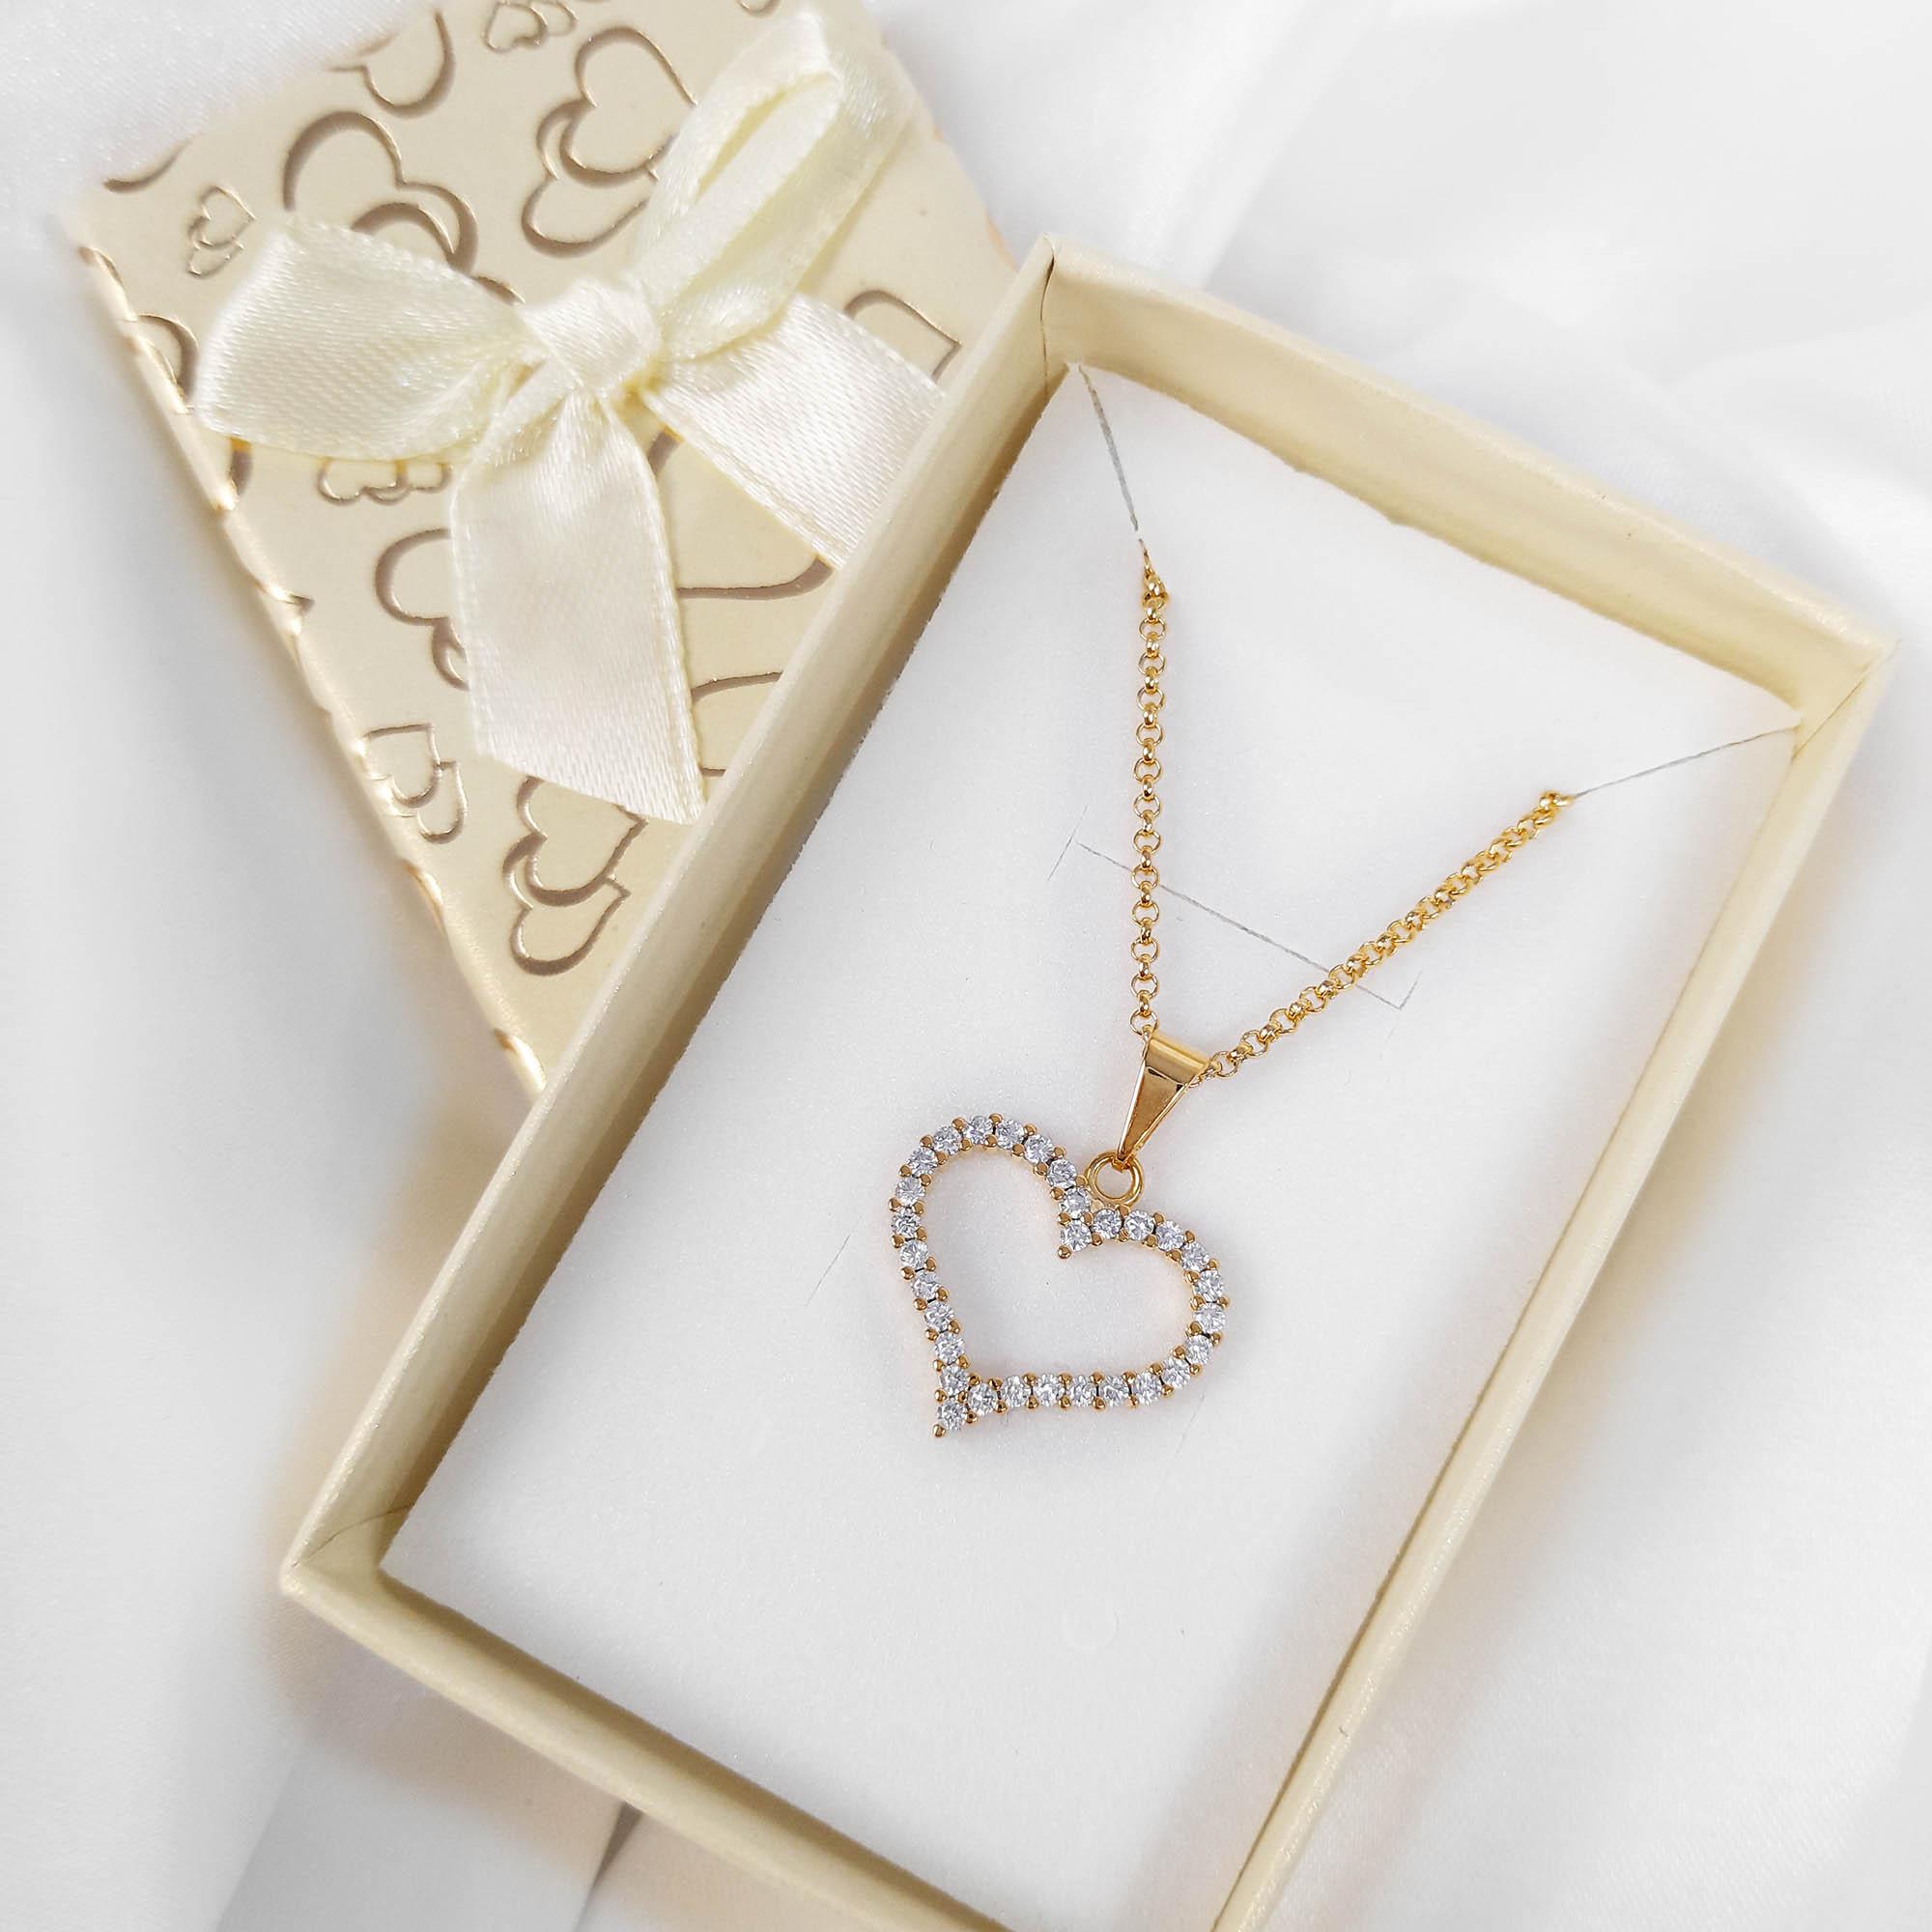 Gargantilha Coração Cravejado Zircônias Folheada Ouro + Caixa  - Lunozê Joias